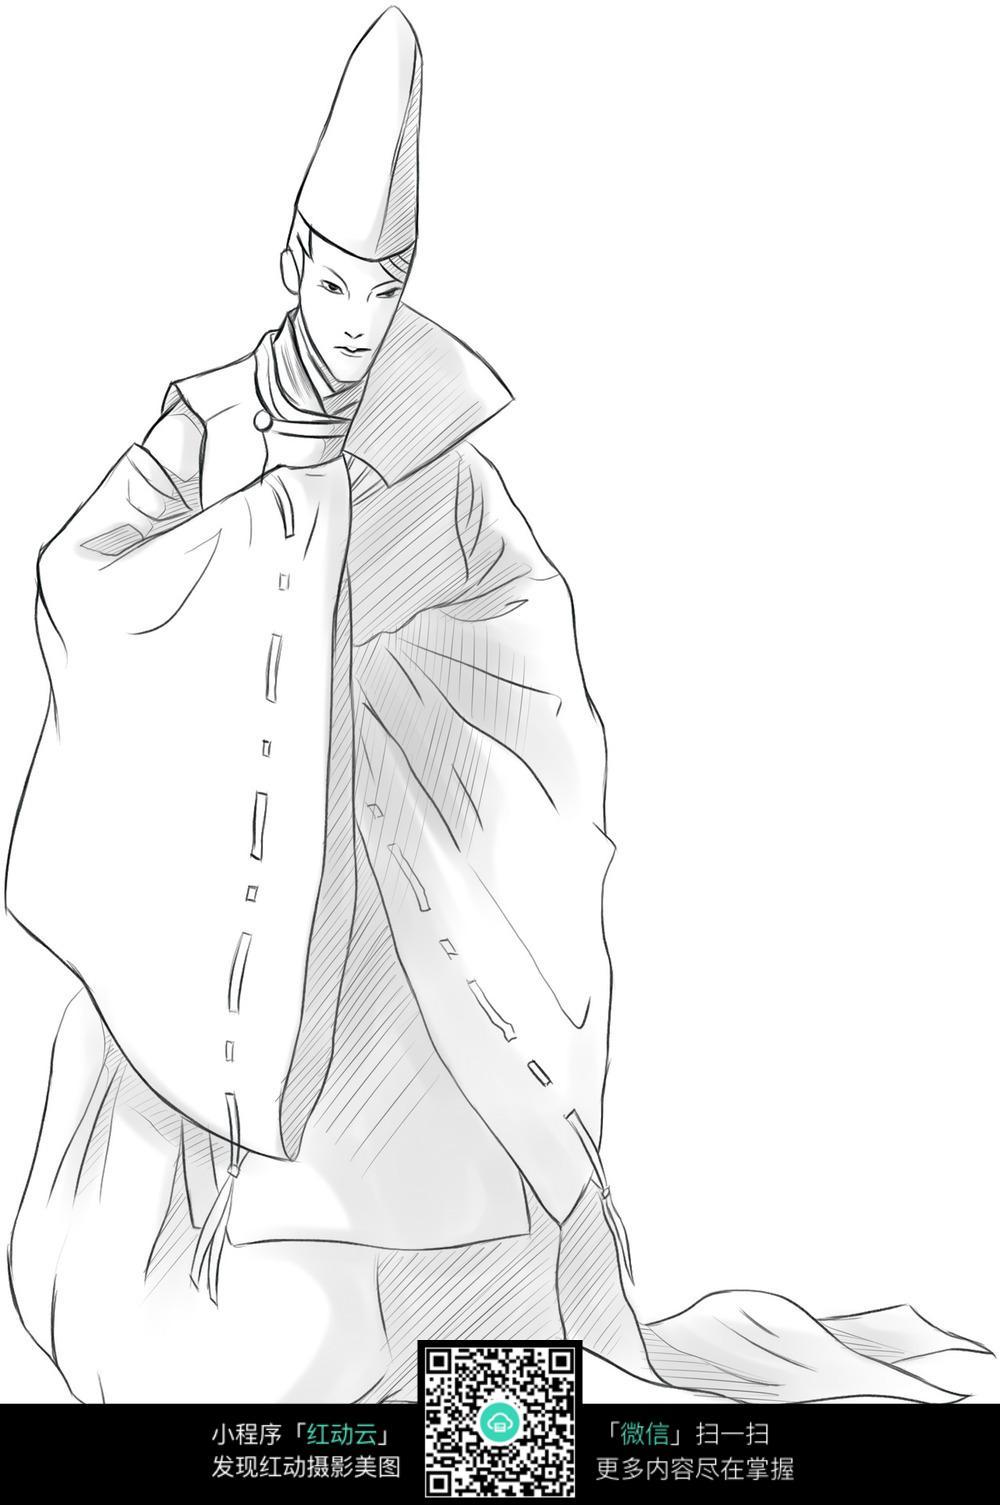 漫画 男人 古装 气质 高雅 扇子 儒士 手绘 线稿 插画      卡通人物